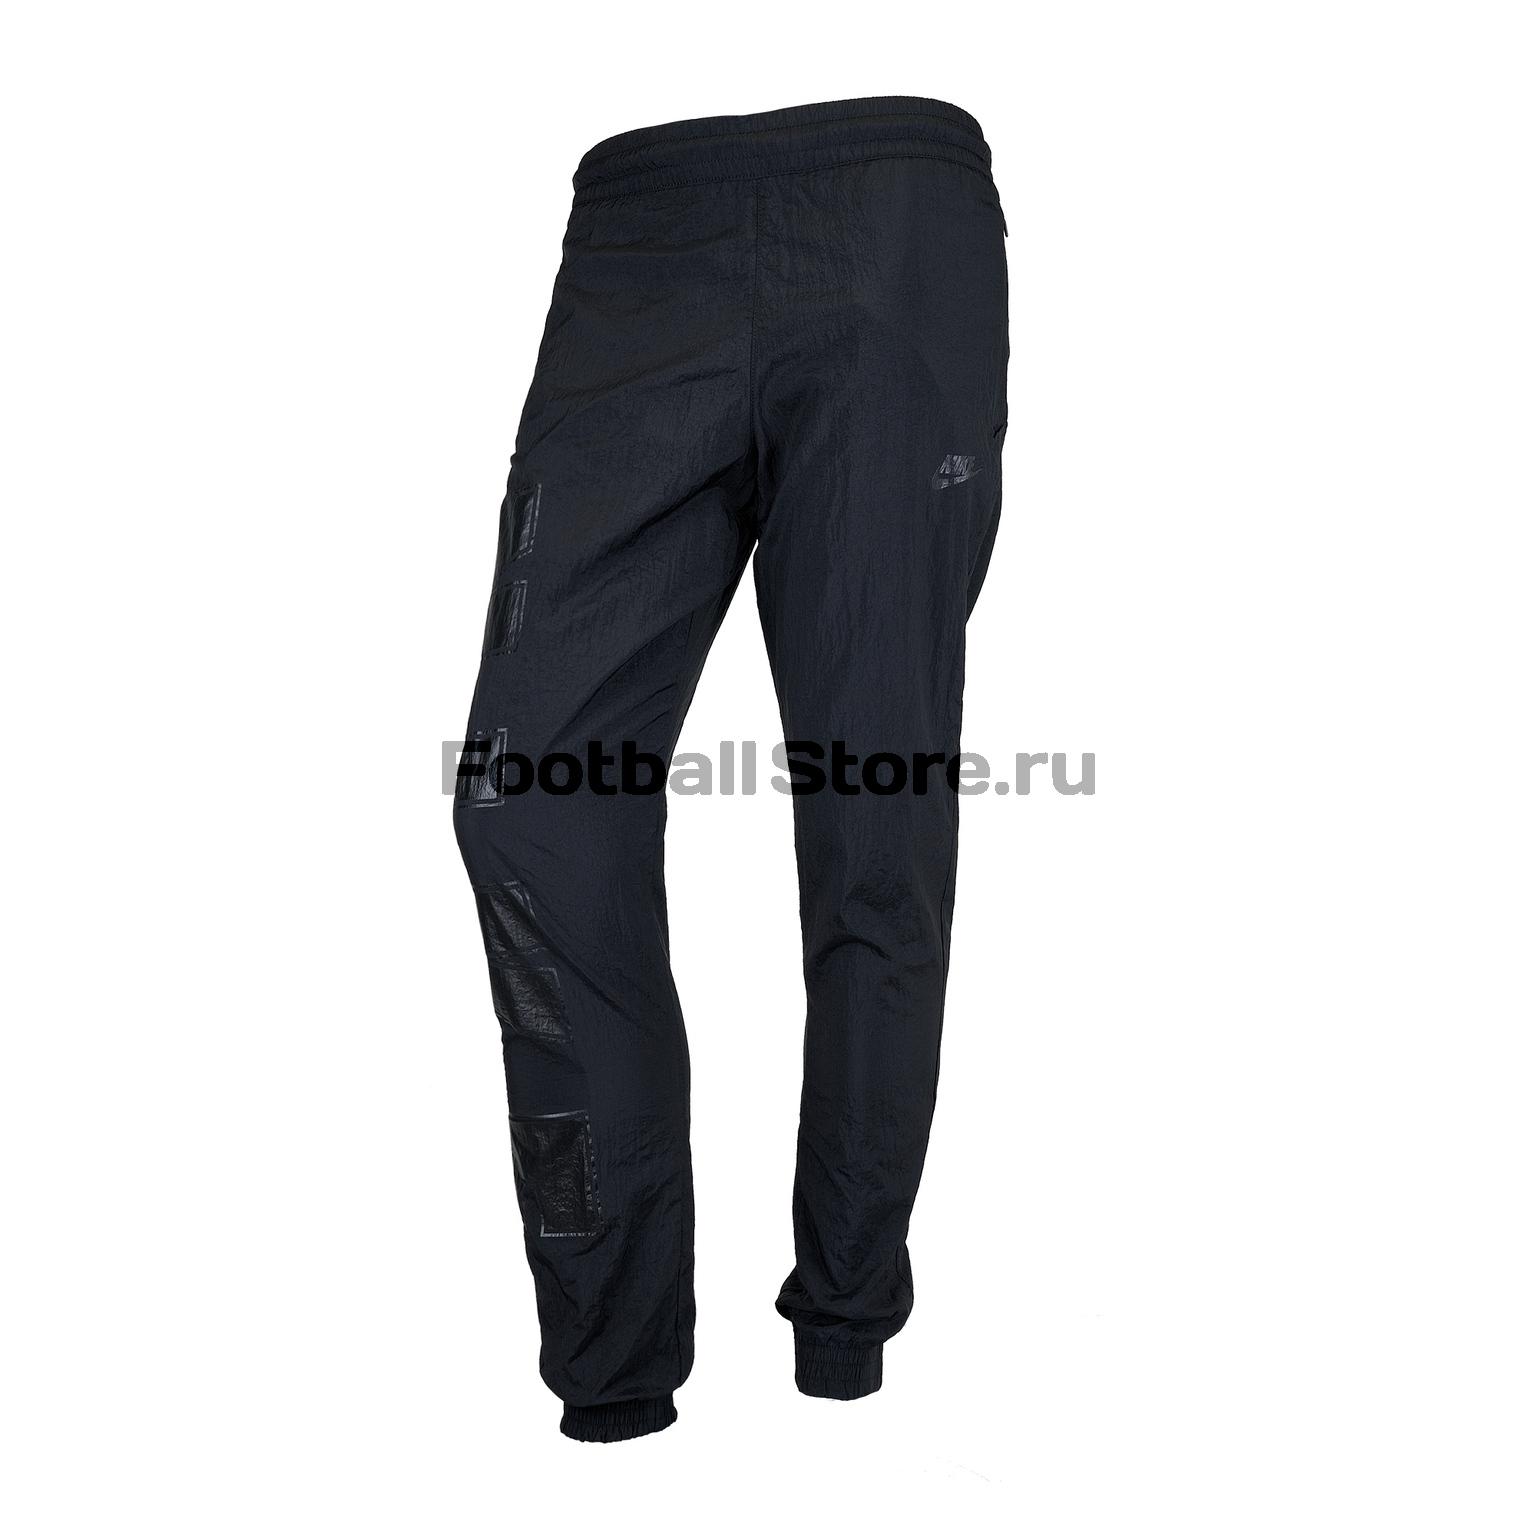 купить Брюки Nike Woven Pants CT2532-010 дешево